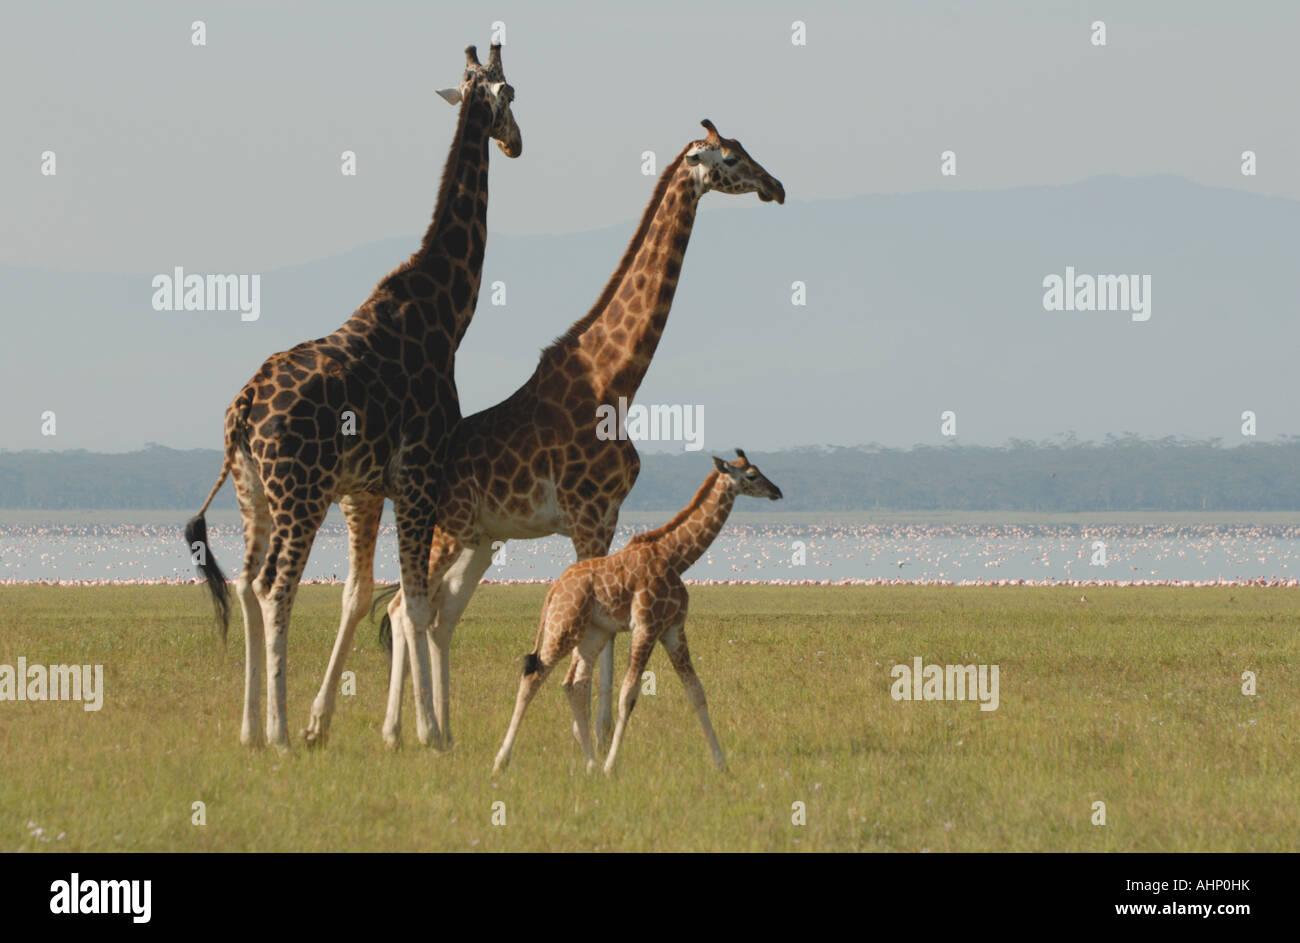 Three 3 Rothschild s Giraffe near the shore of Lake Nakuru Lake Nakuru National Park Kenya East Africa - Stock Image